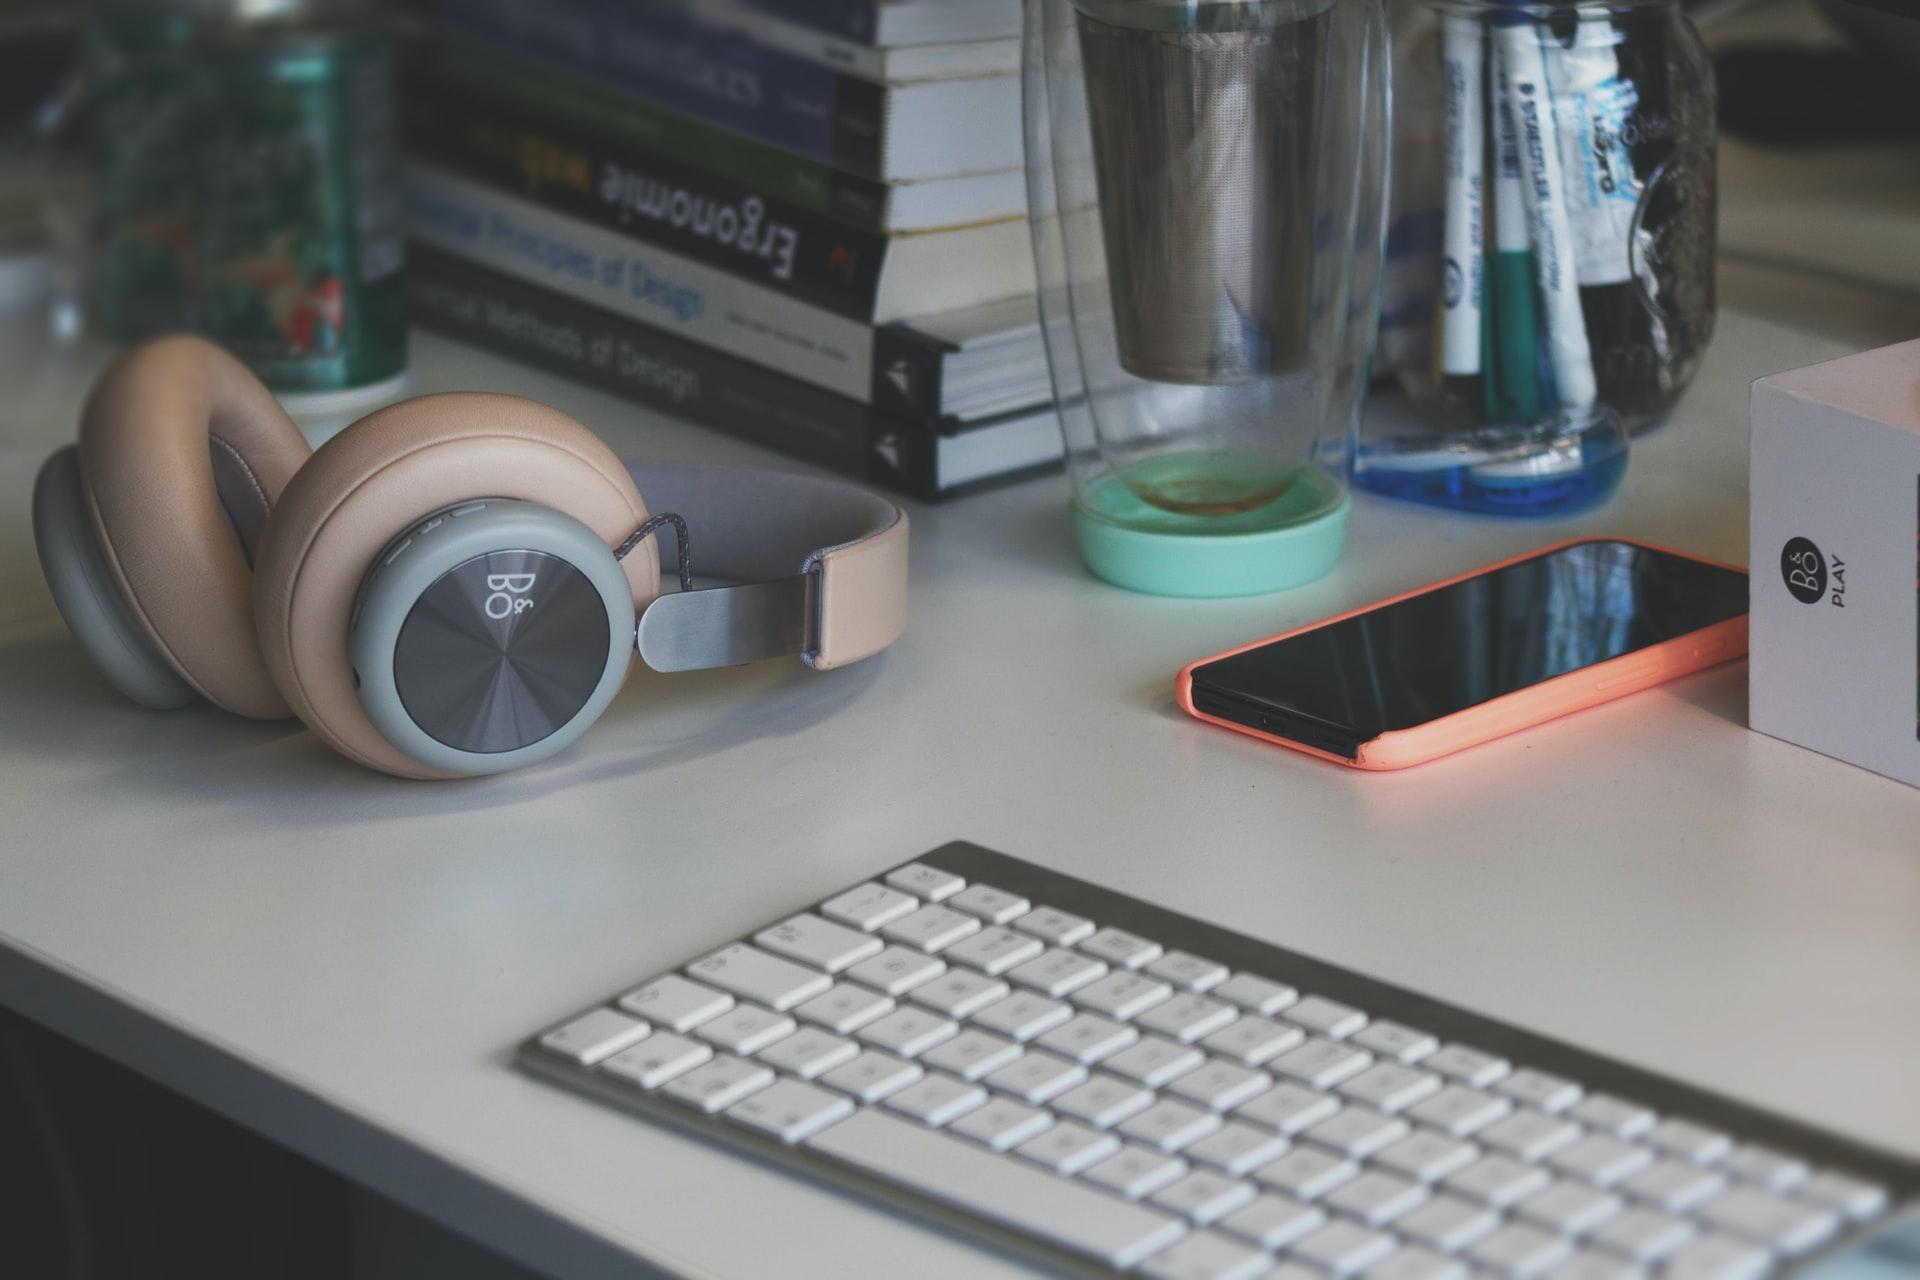 デスクの上のパソコンとスマホ